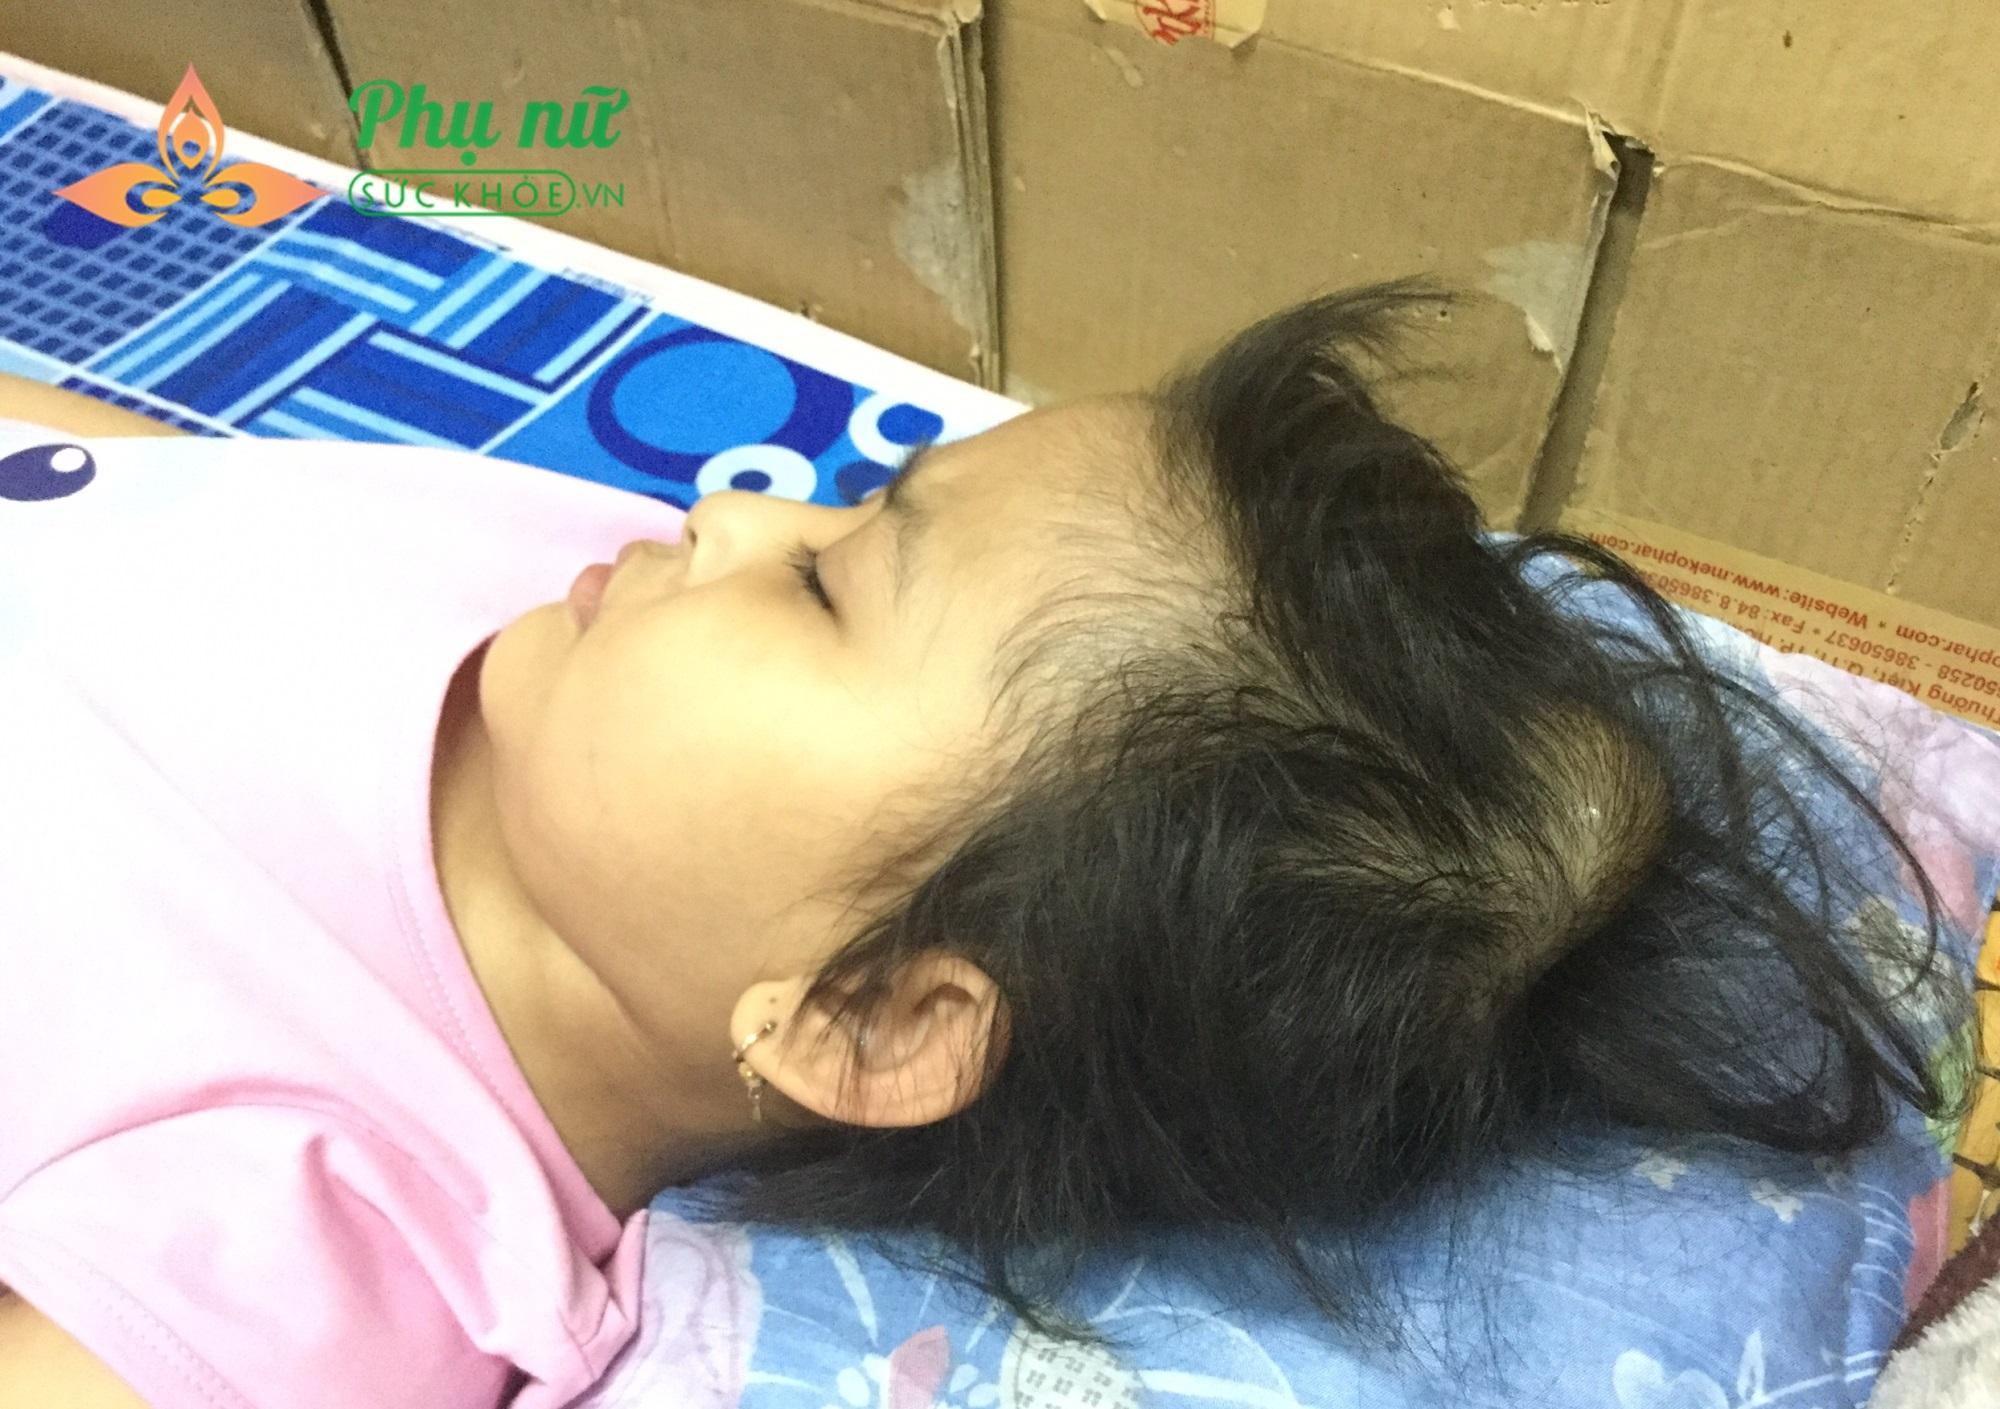 Bệnh ung thư thận của bé Hiền đã di căn ra khắp các cơ quan, hình thành khối u ác tính ở não, đe dọa tính mạng